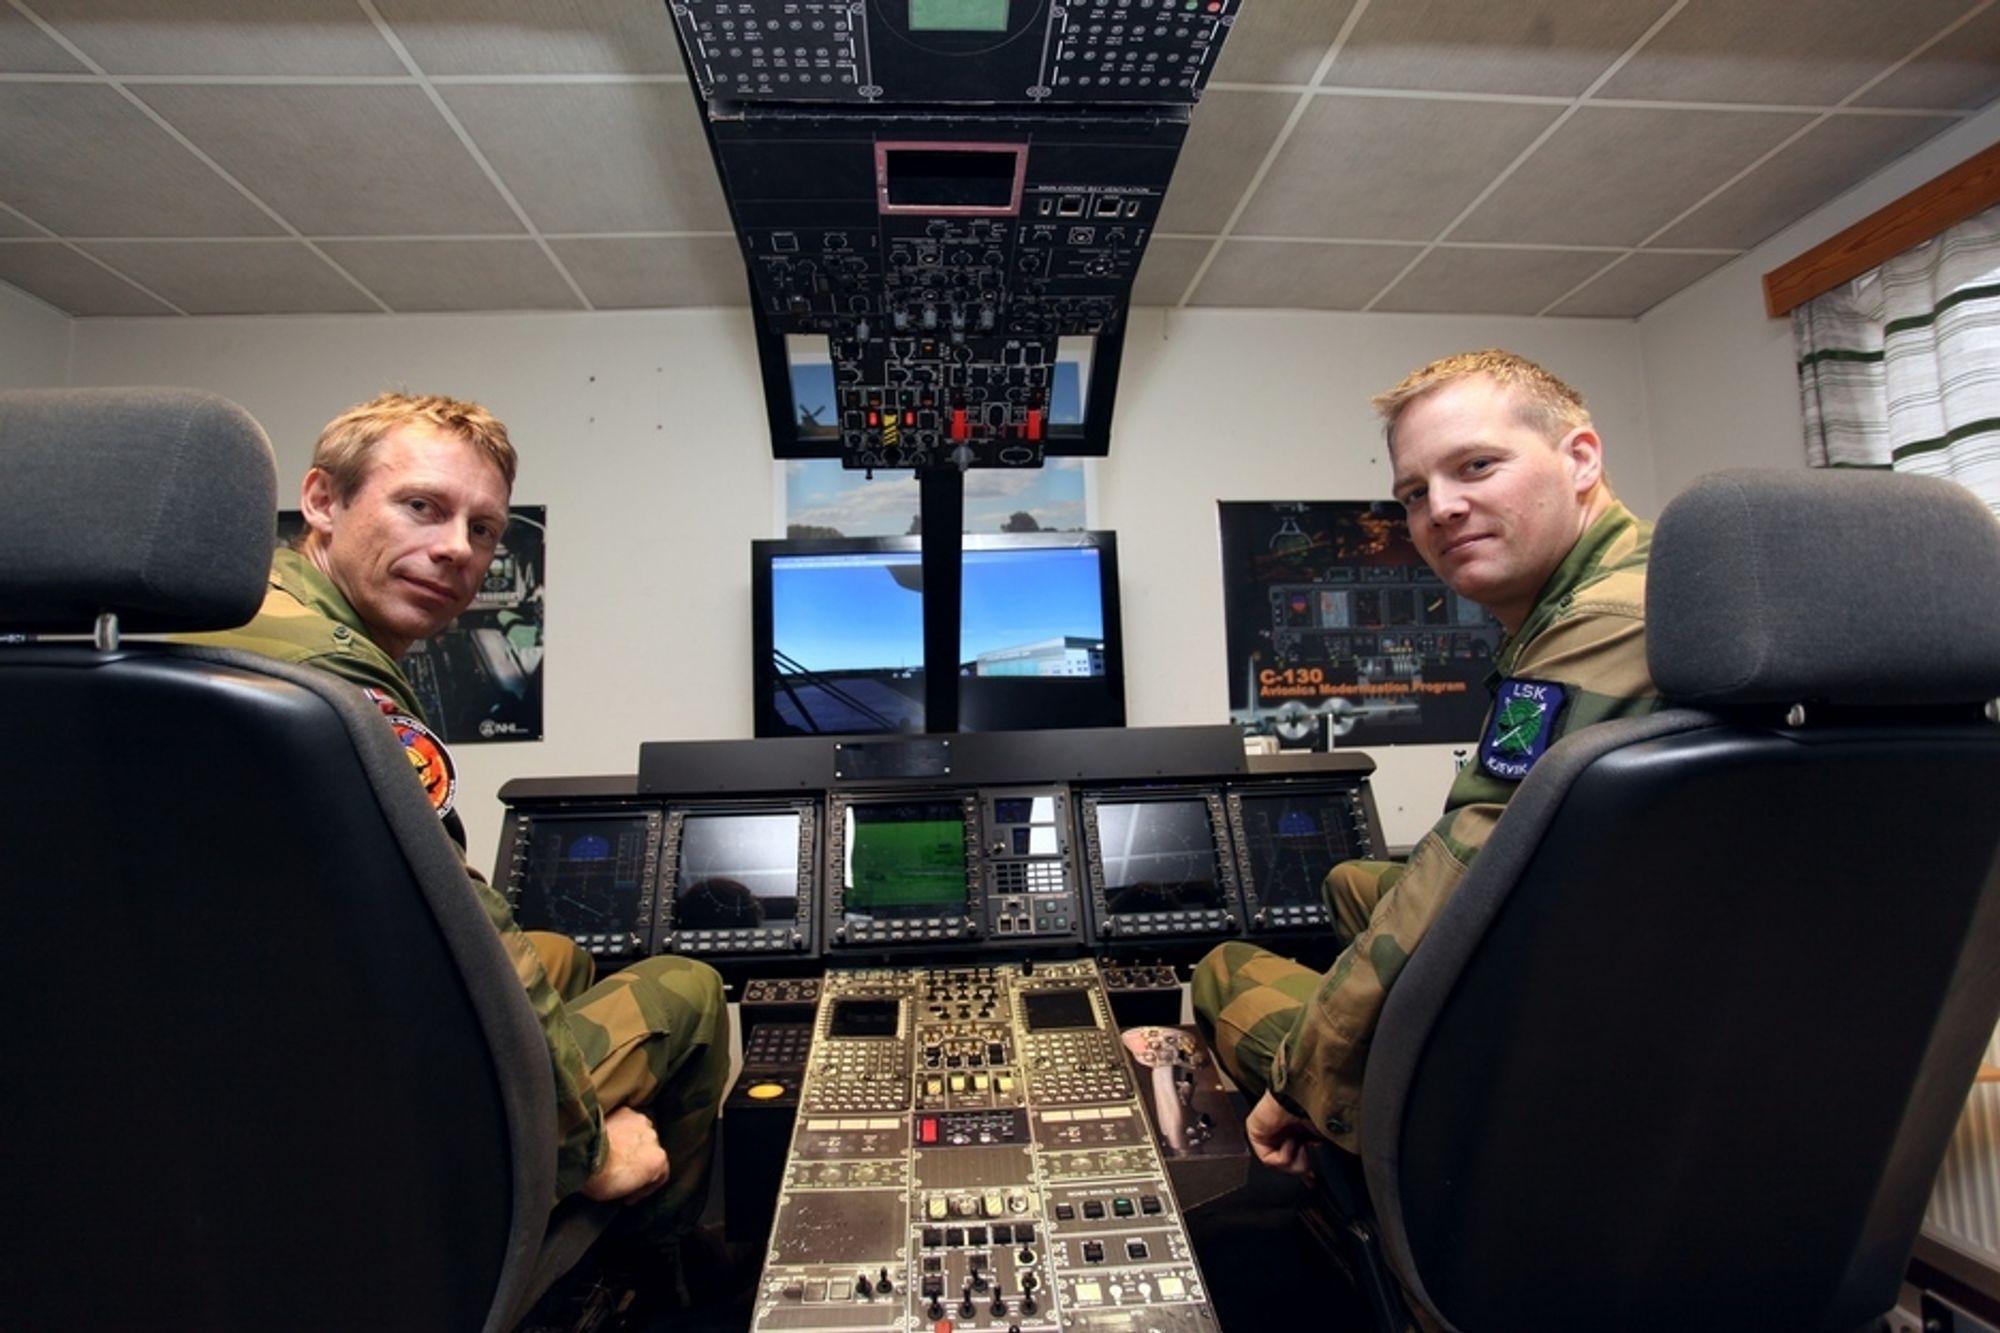 GIR SYSTEMFORSTÅELSE: Tom Johansen (t.v) og Jens Eirik Norberg har konstruert denne NH90-prosedyresimulatoren. Den er laget for å gi teknikerne systemforståelse av den avanserte maskinen de nå straks skal begynne å jobbe med.